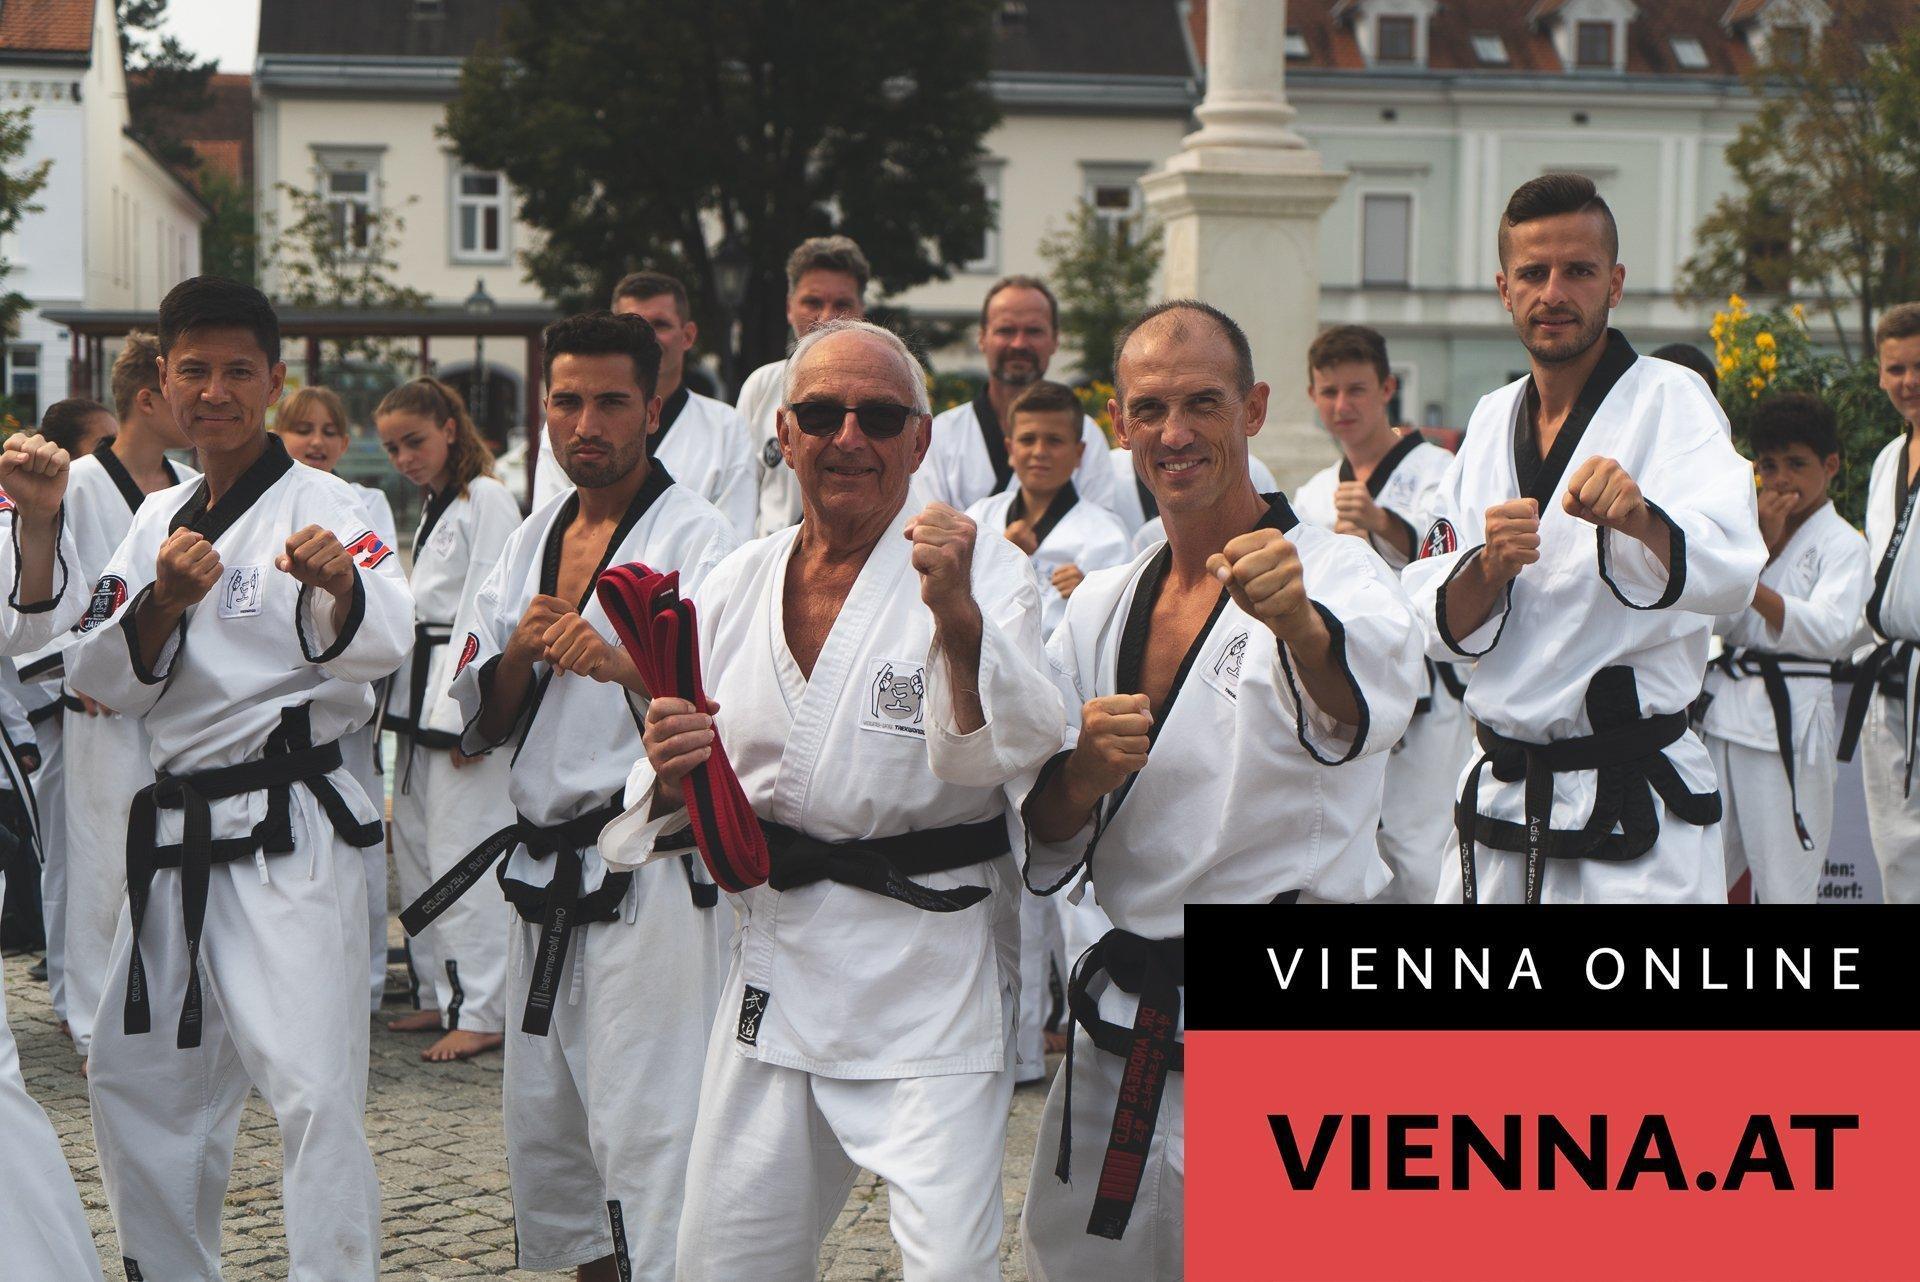 Ältester Schwarzgurt auf VIENNA.AT